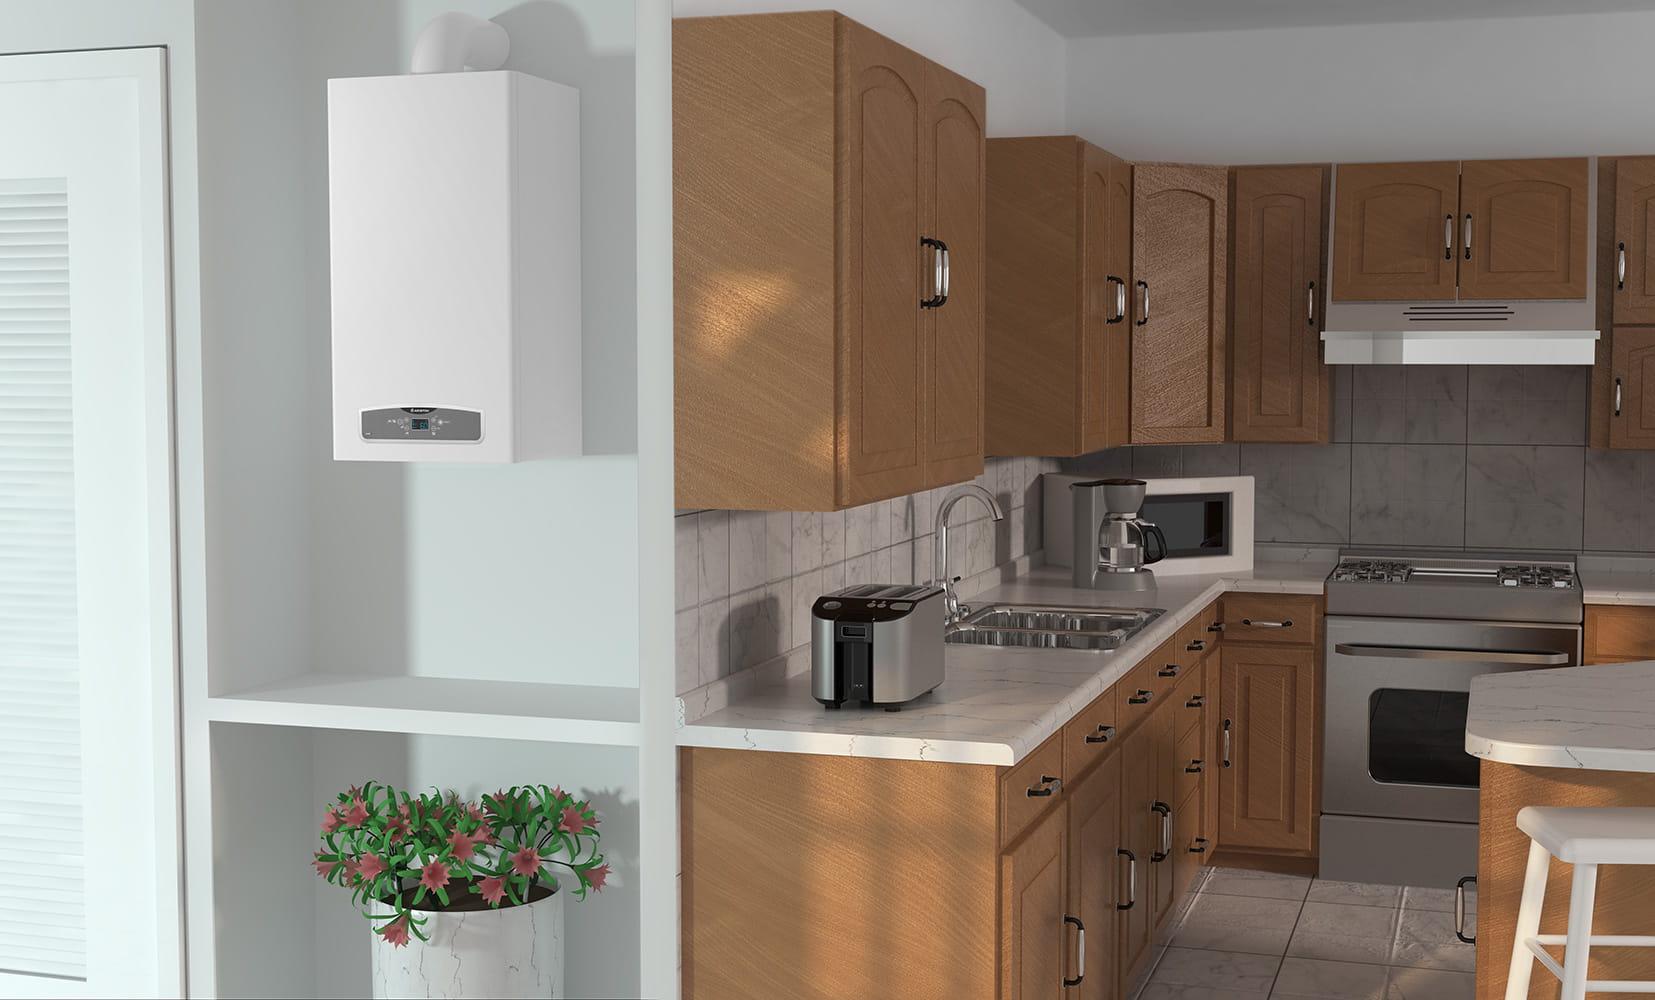 как выбрать газовый котел для квартиры